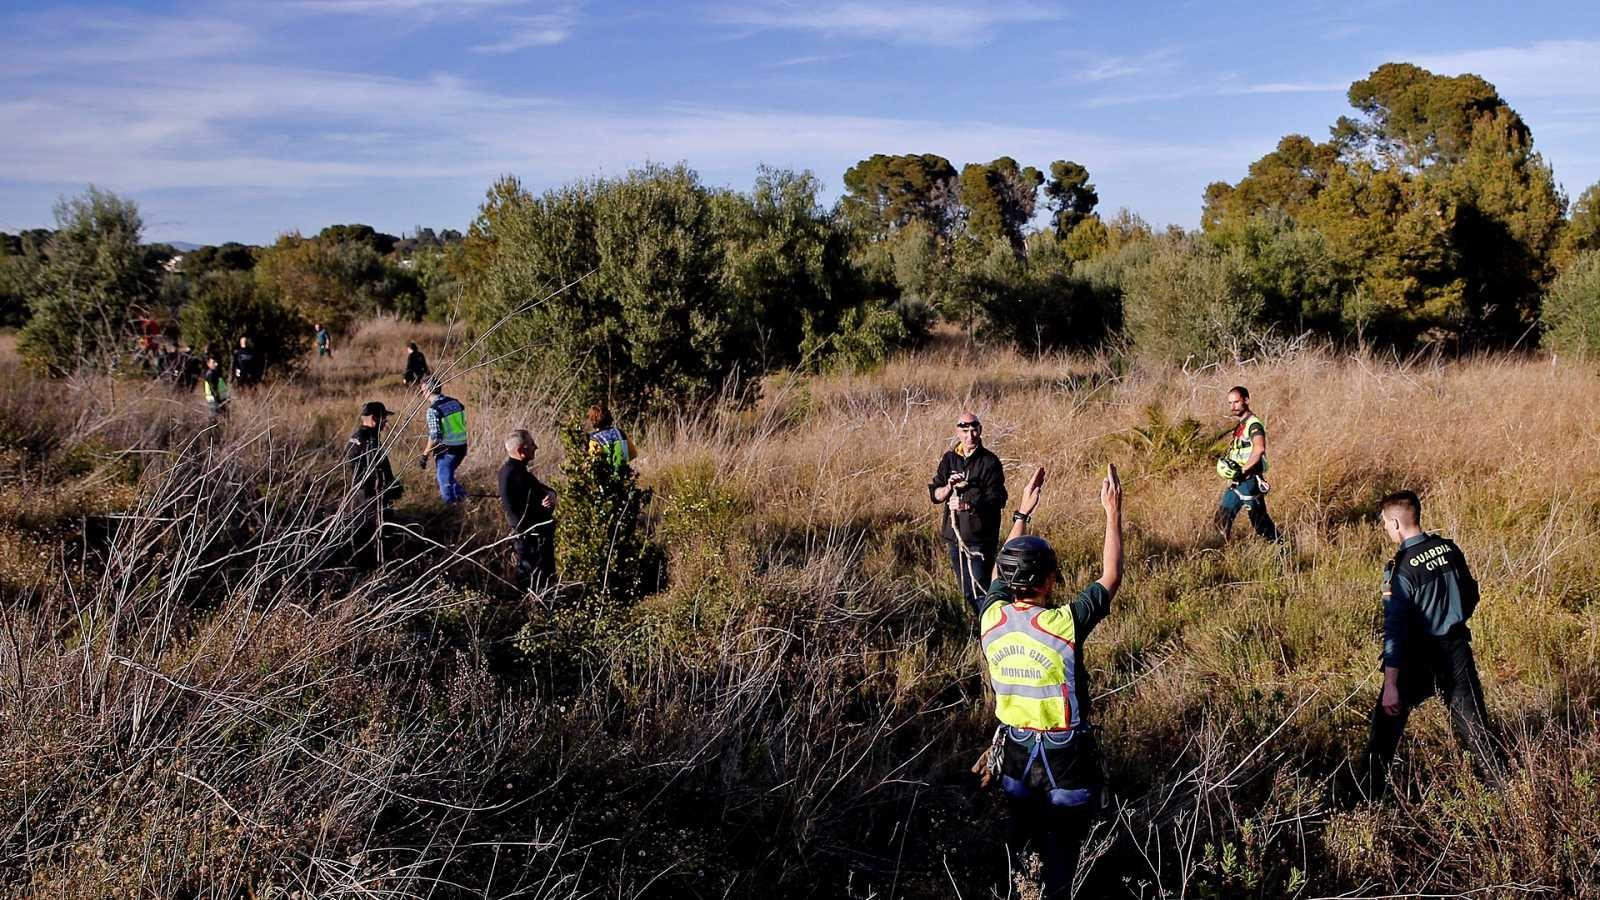 Hallados muertos y enterrados dos niños que estaban desaparecidos en España